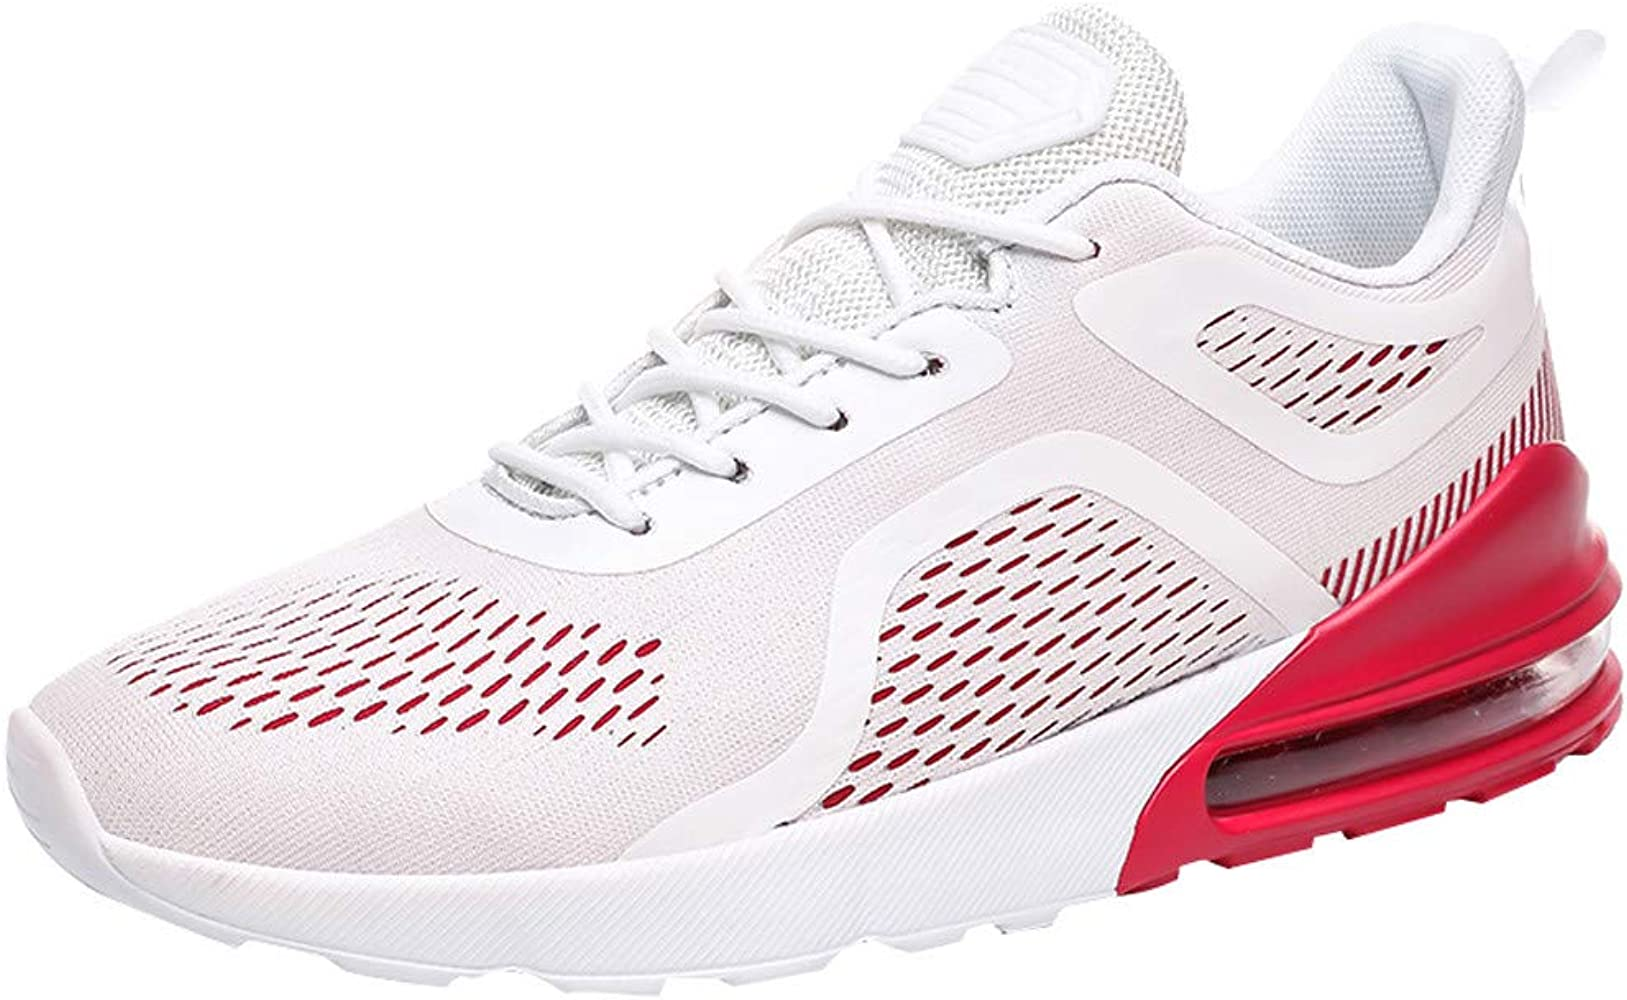 Darringls Zapatos de Hombre,Zapatos de Running para Hombre Mujer Zapatillas Deportivo Outdoor Calzado Asfalto Sneakers Zapatillas Deportivas de Mujer Running Sneakers 39-45: Amazon.es: Ropa y accesorios